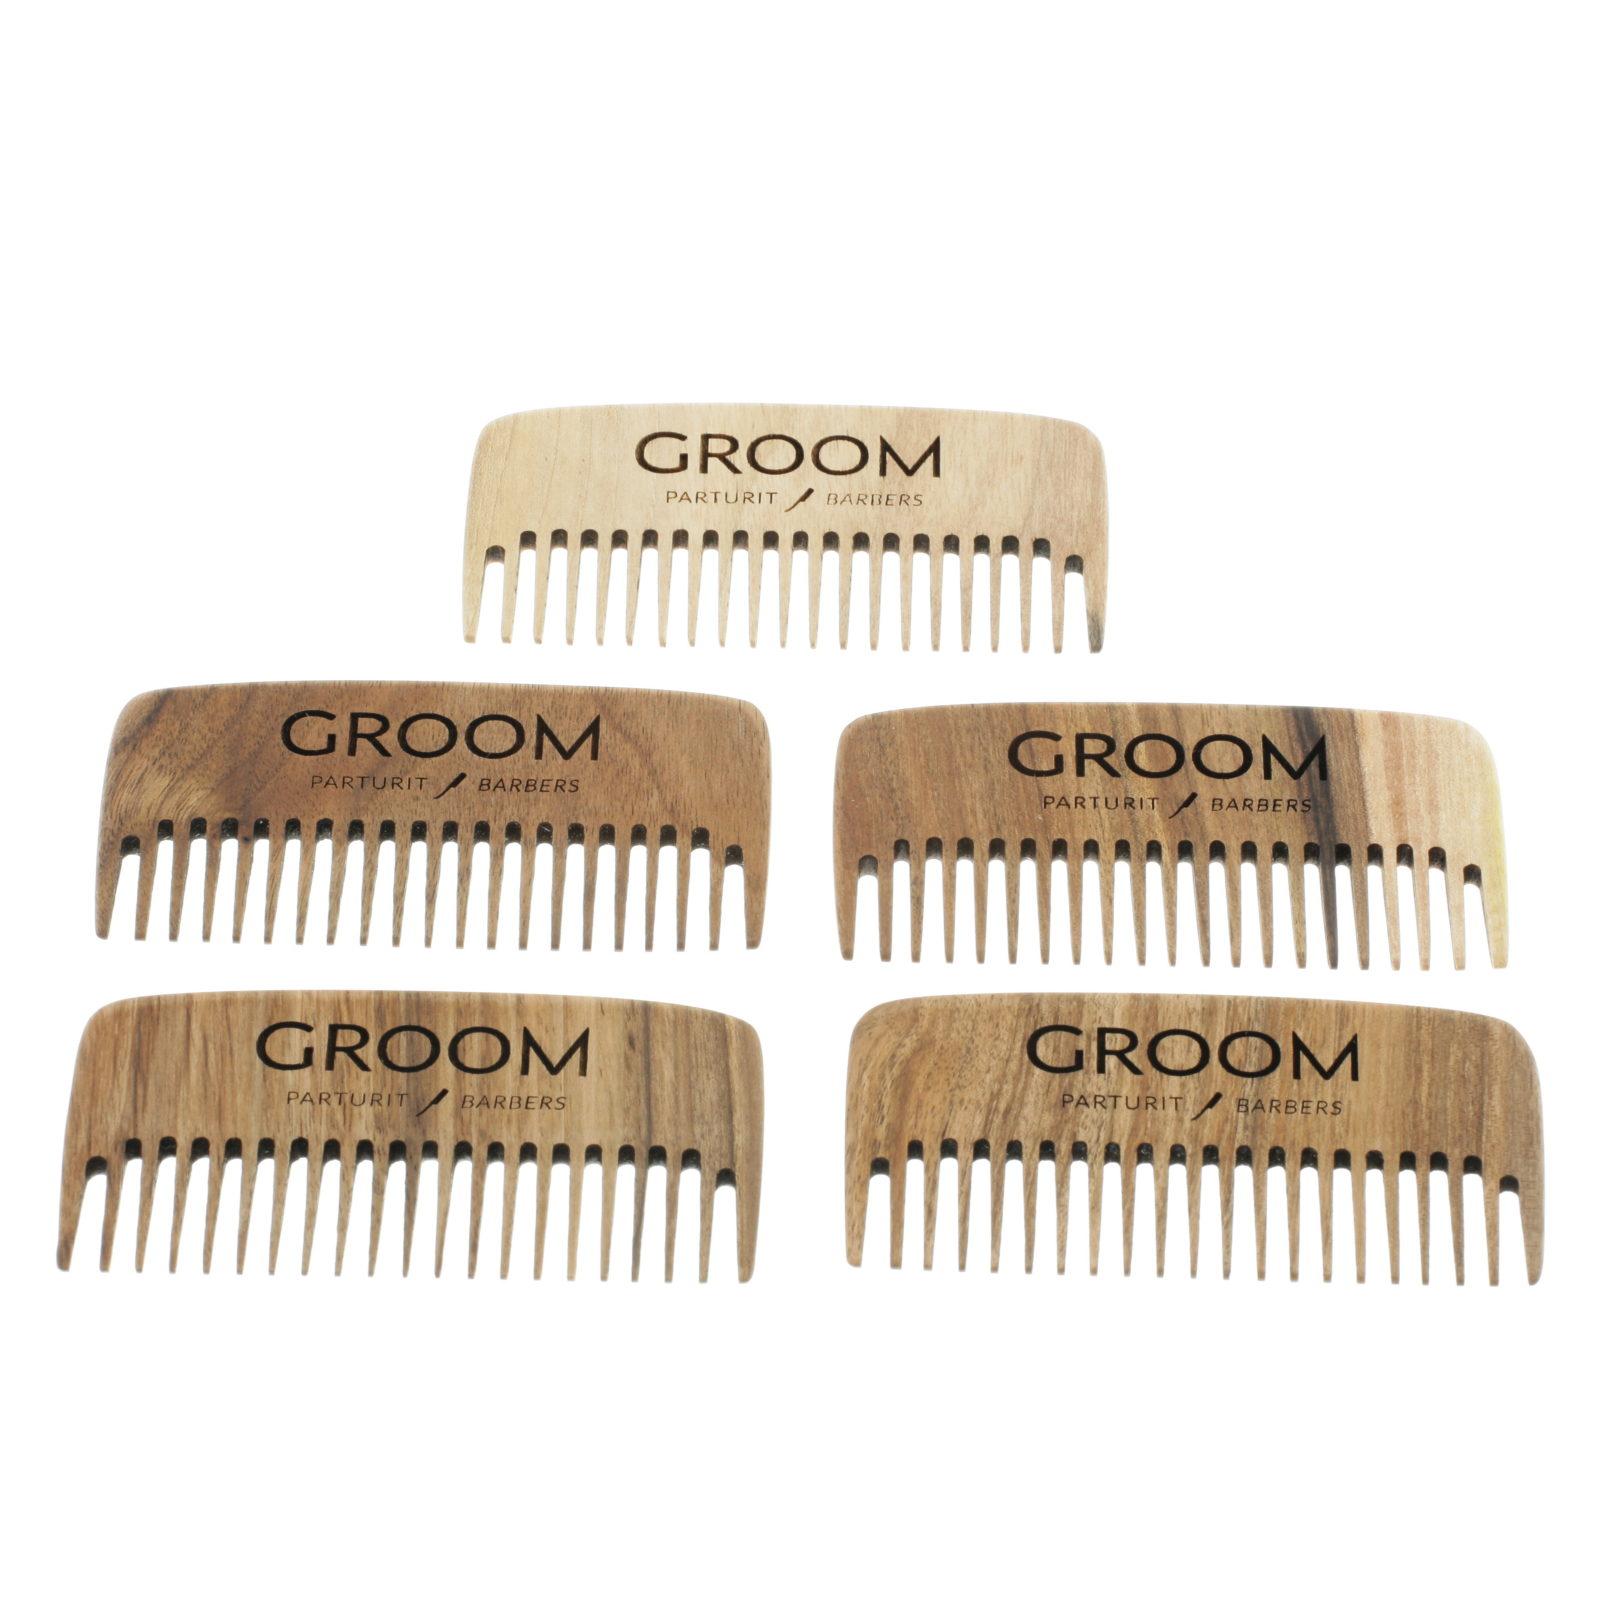 Tuotekuva: GROOM -partakampa